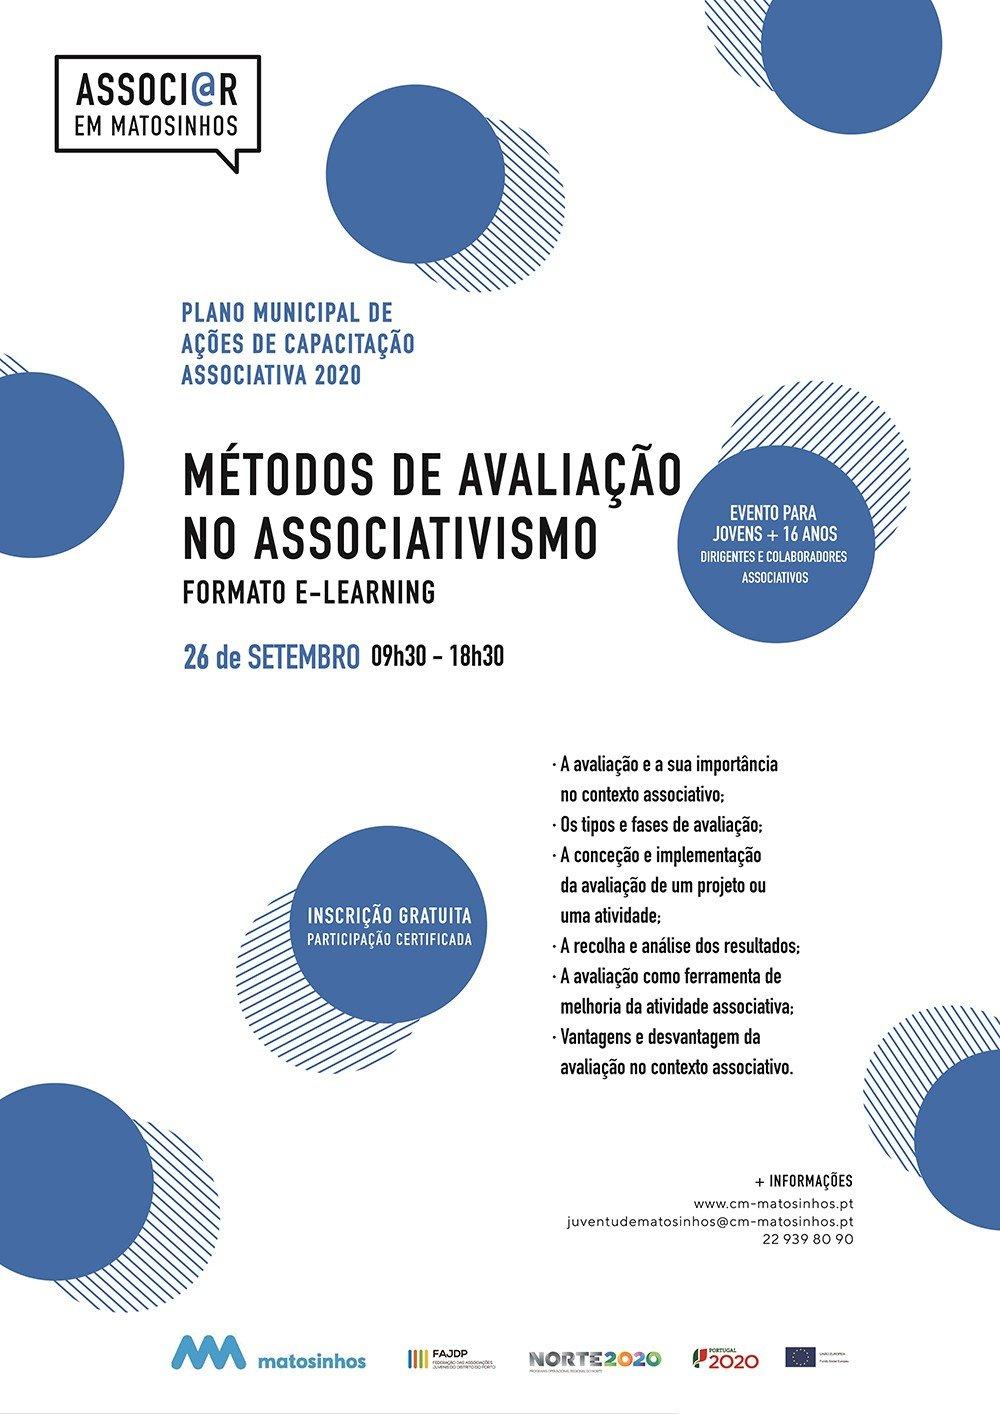 Métodos de Avaliação no Associativismo